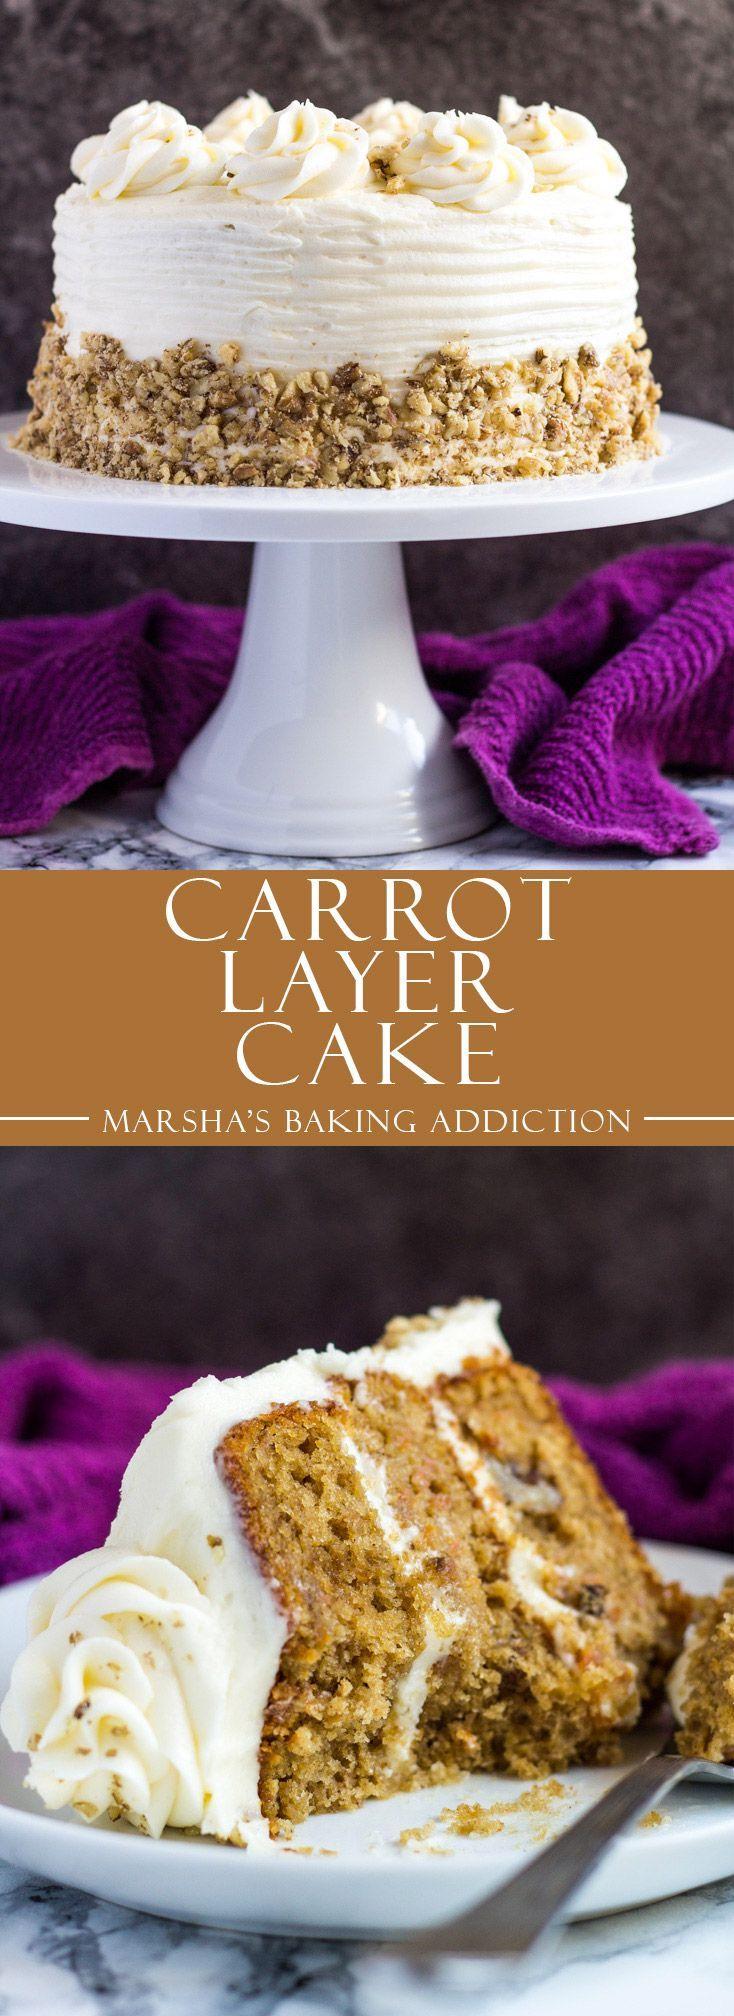 Carrot Layer Cake | http://marshasbakingaddiction.com /marshasbakeblog/